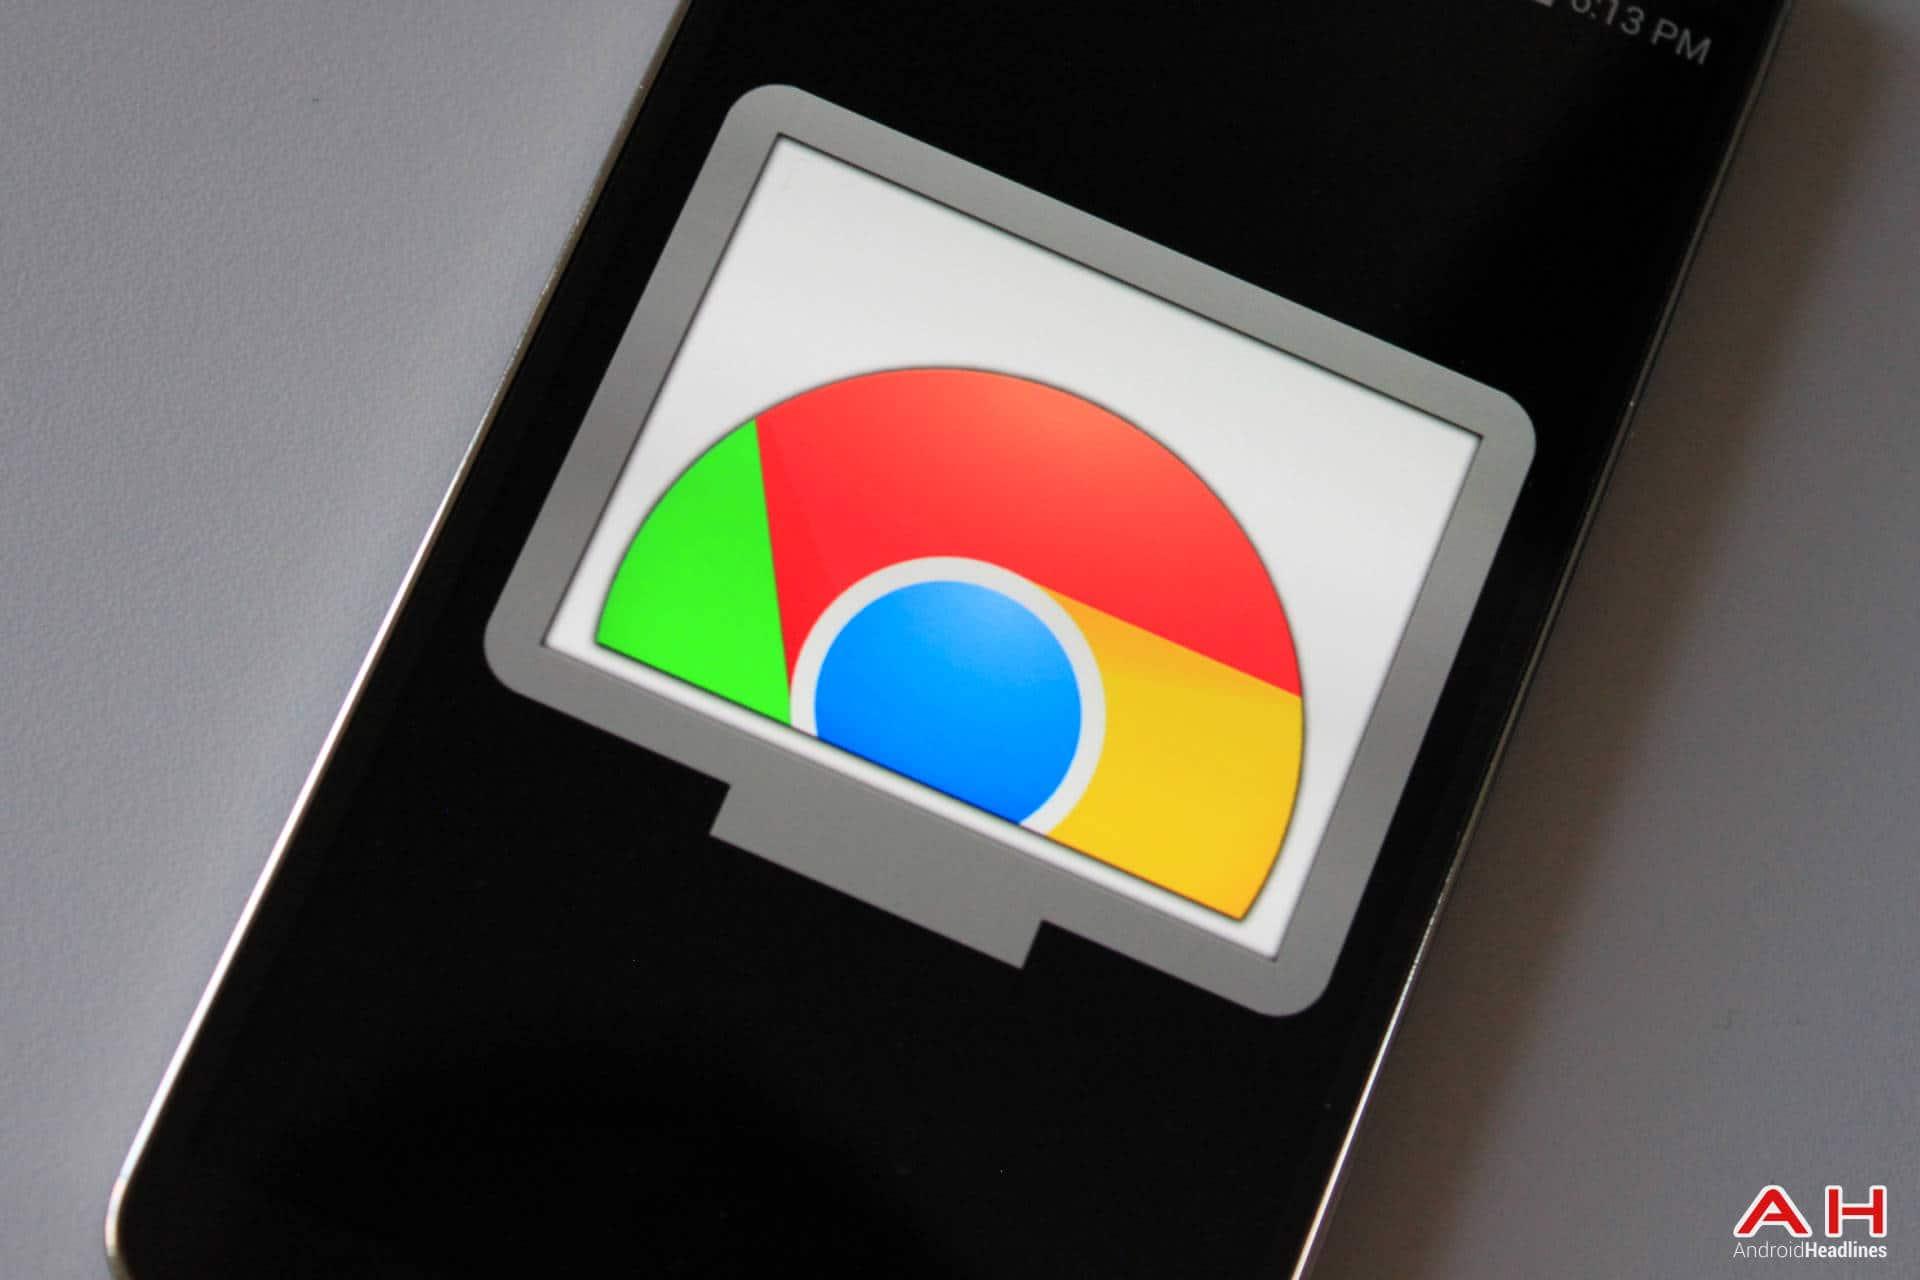 AH Google Chromecast Logo 1.2